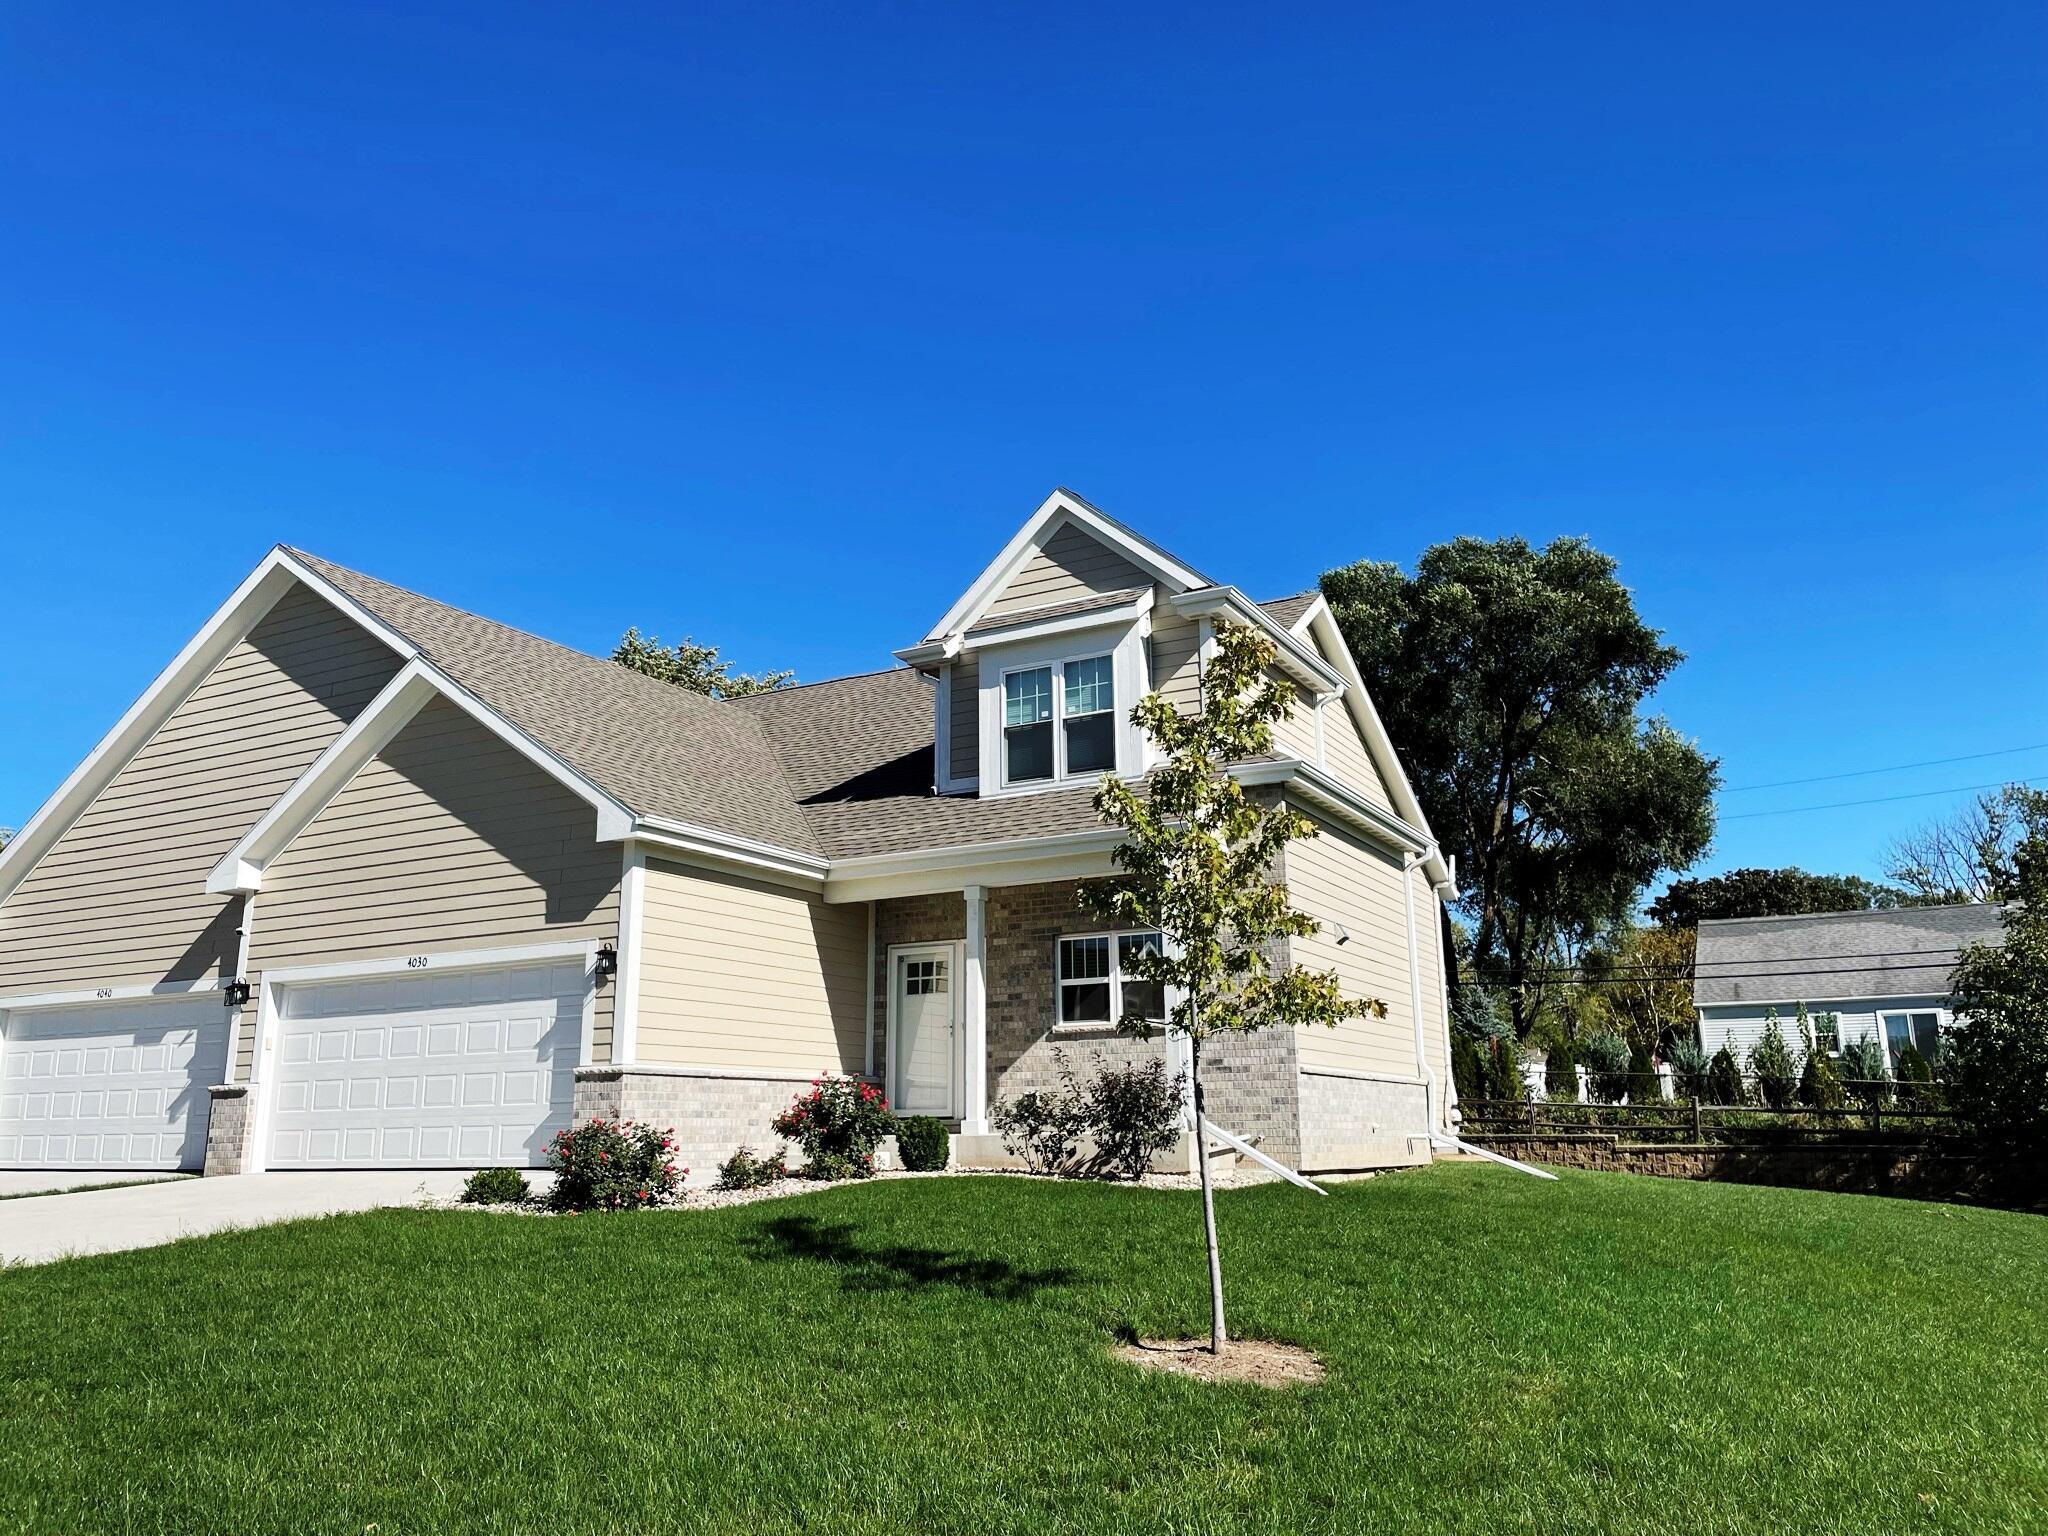 4030 Wyndham Pointe Cir, Brookfield, Wisconsin 53005, 3 Bedrooms Bedrooms, 8 Rooms Rooms,2 BathroomsBathrooms,Condominiums,For Sale,Wyndham Pointe Cir,2,1768234